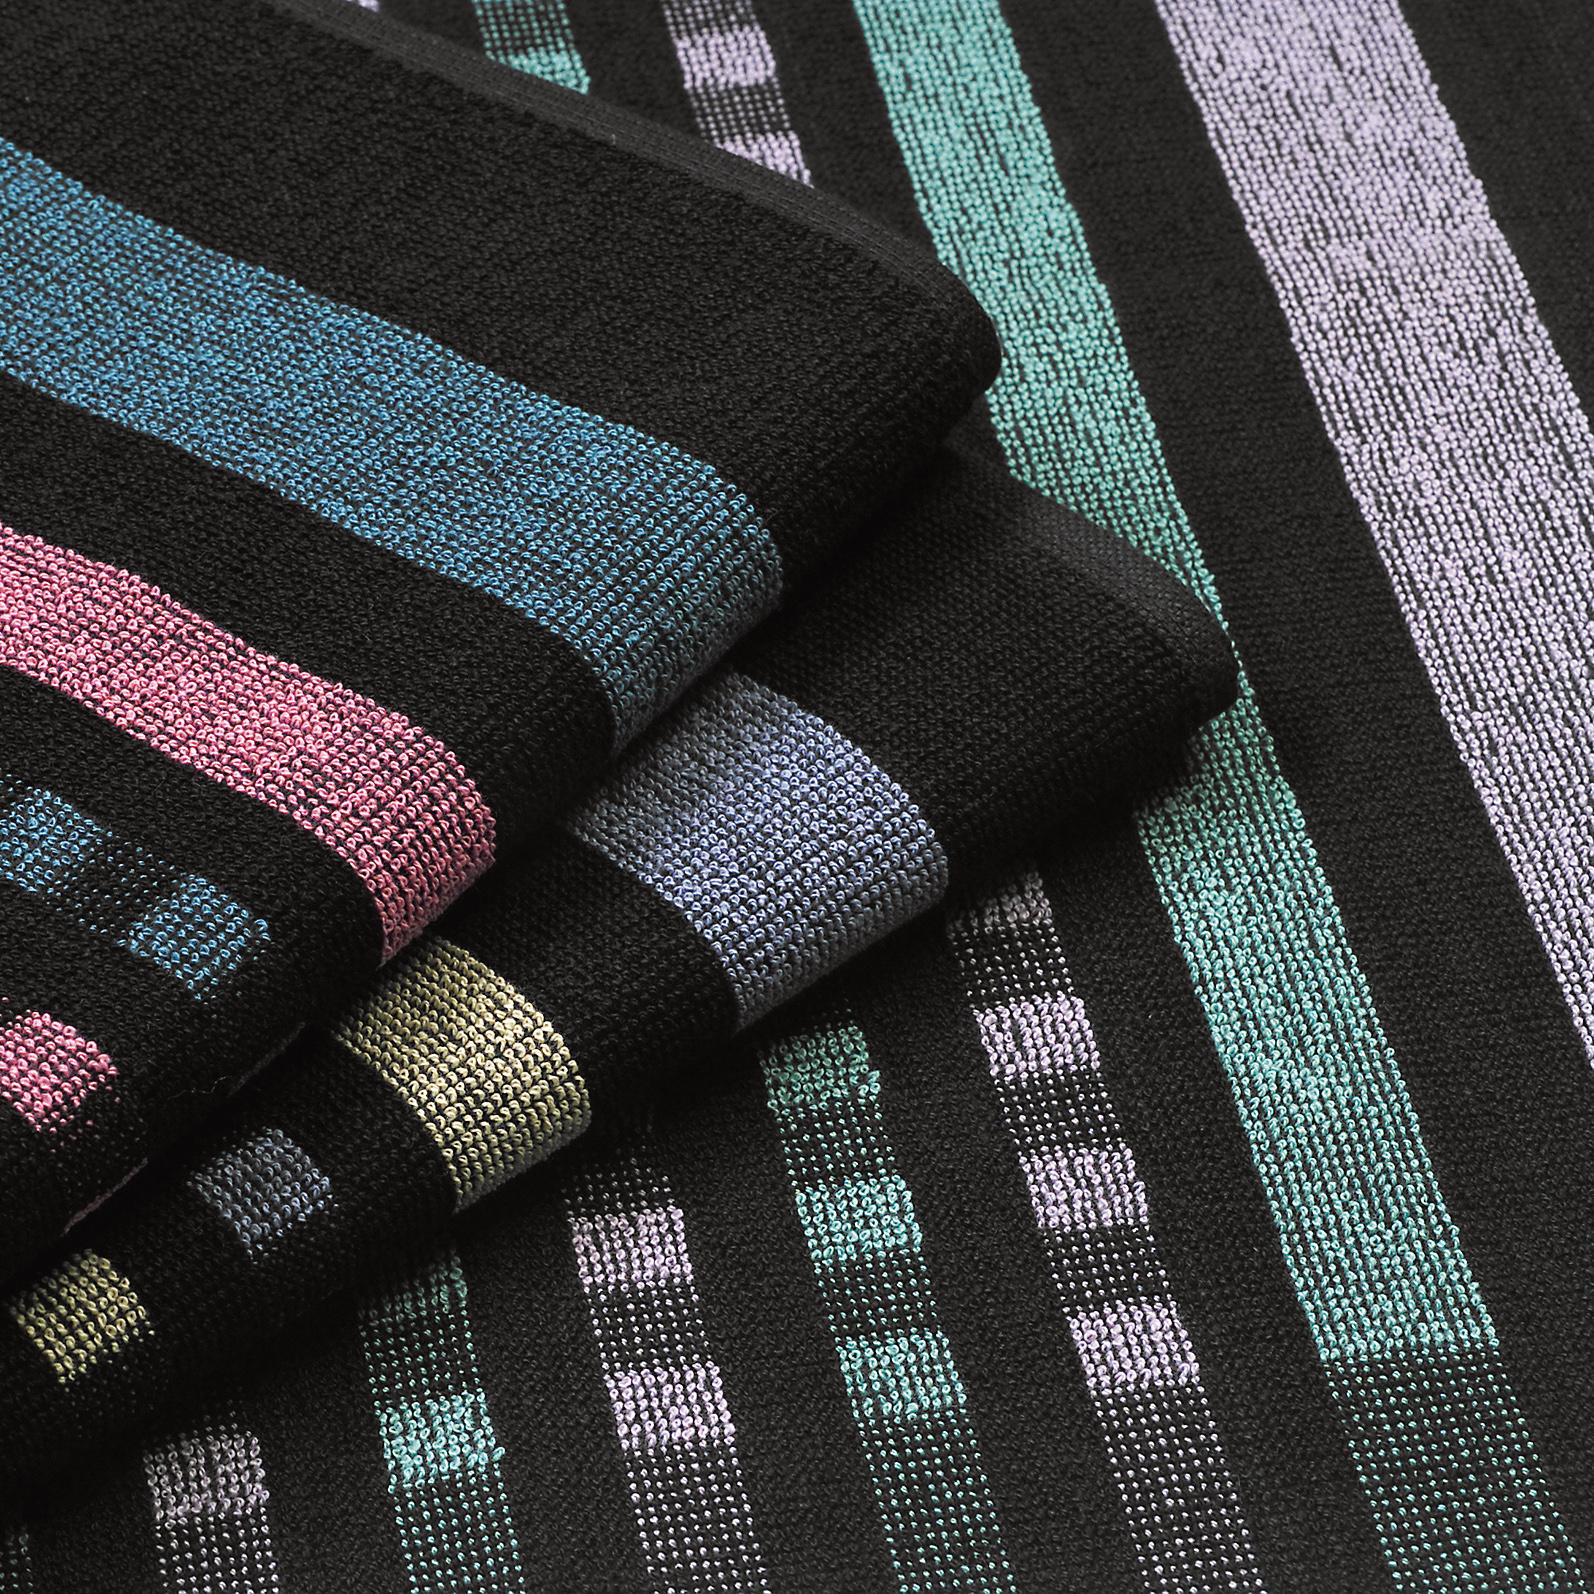 066d9493e47471 Handtuch Wirtschaftstuch Beta Herka-Frottier Küche Baumwolle Textil cotton  terry towel Made in Austria